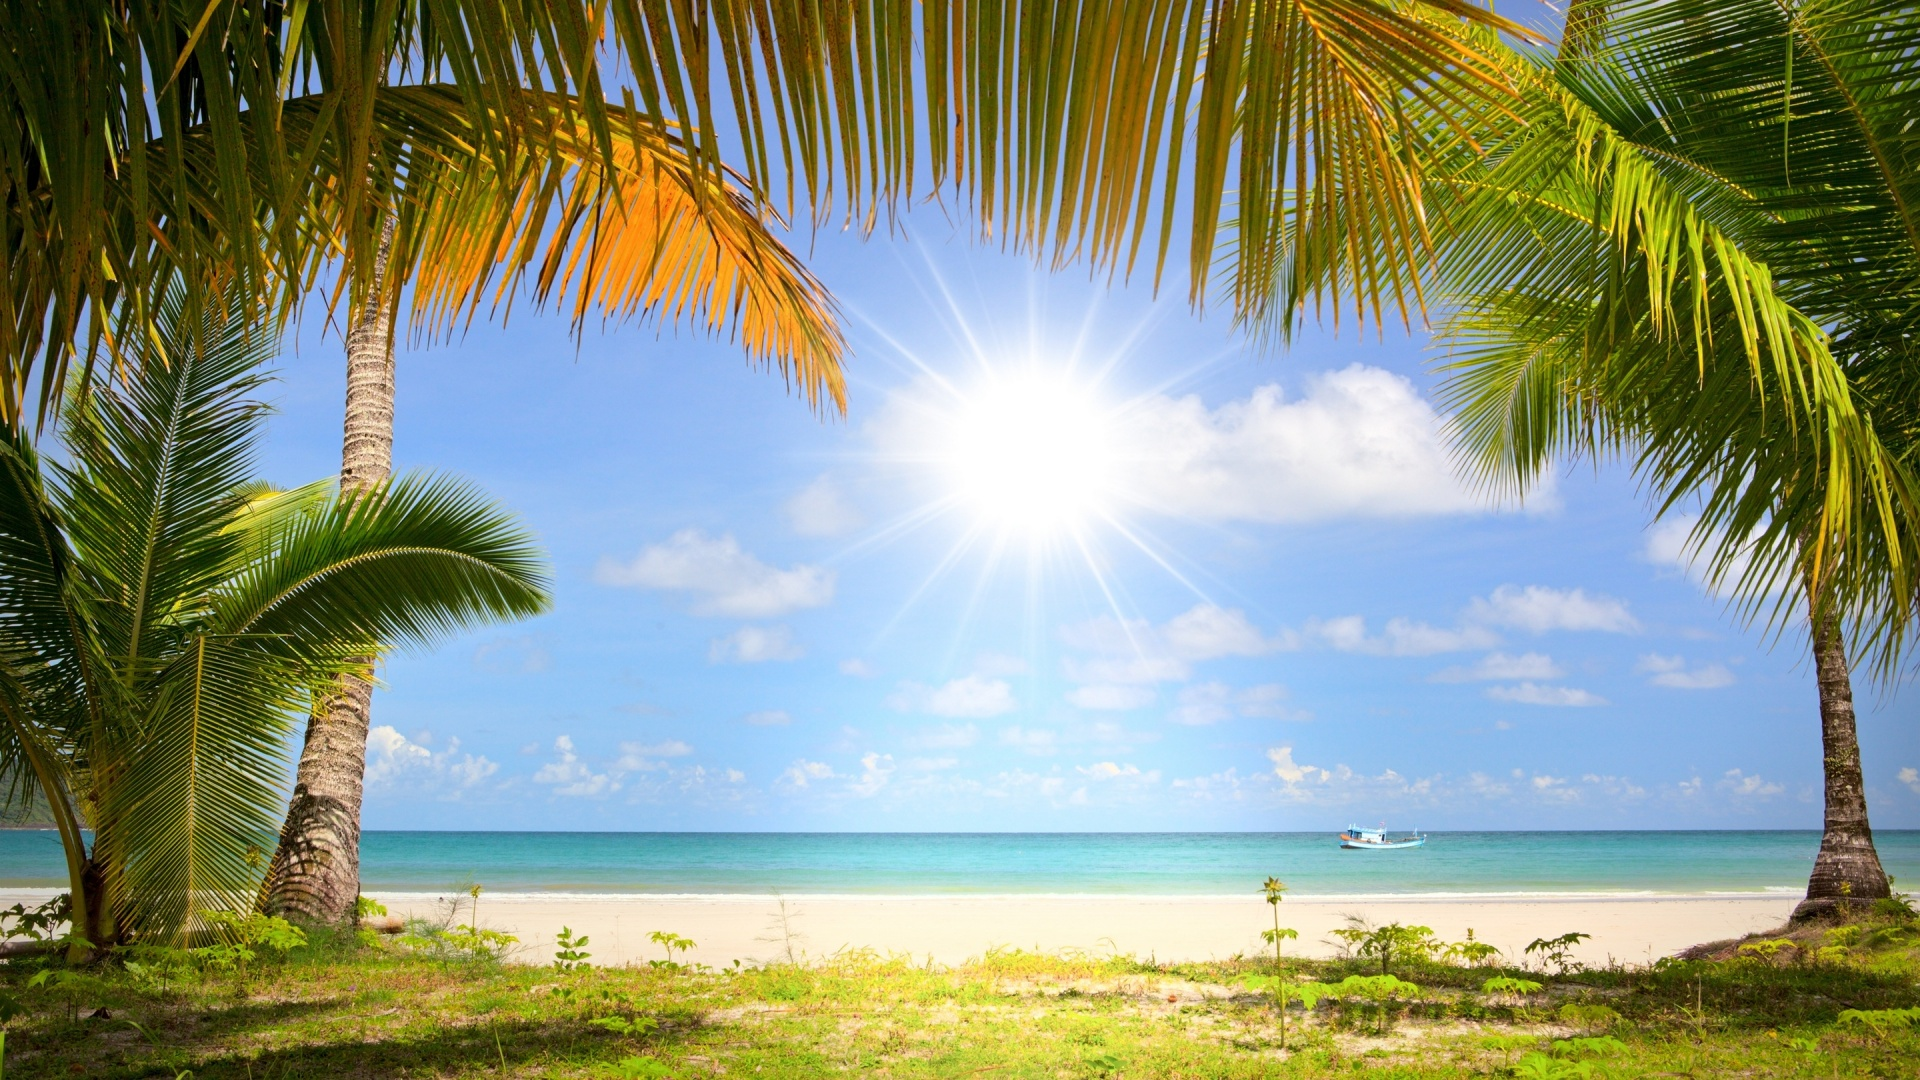 Море пальмы пляж песок загрузить